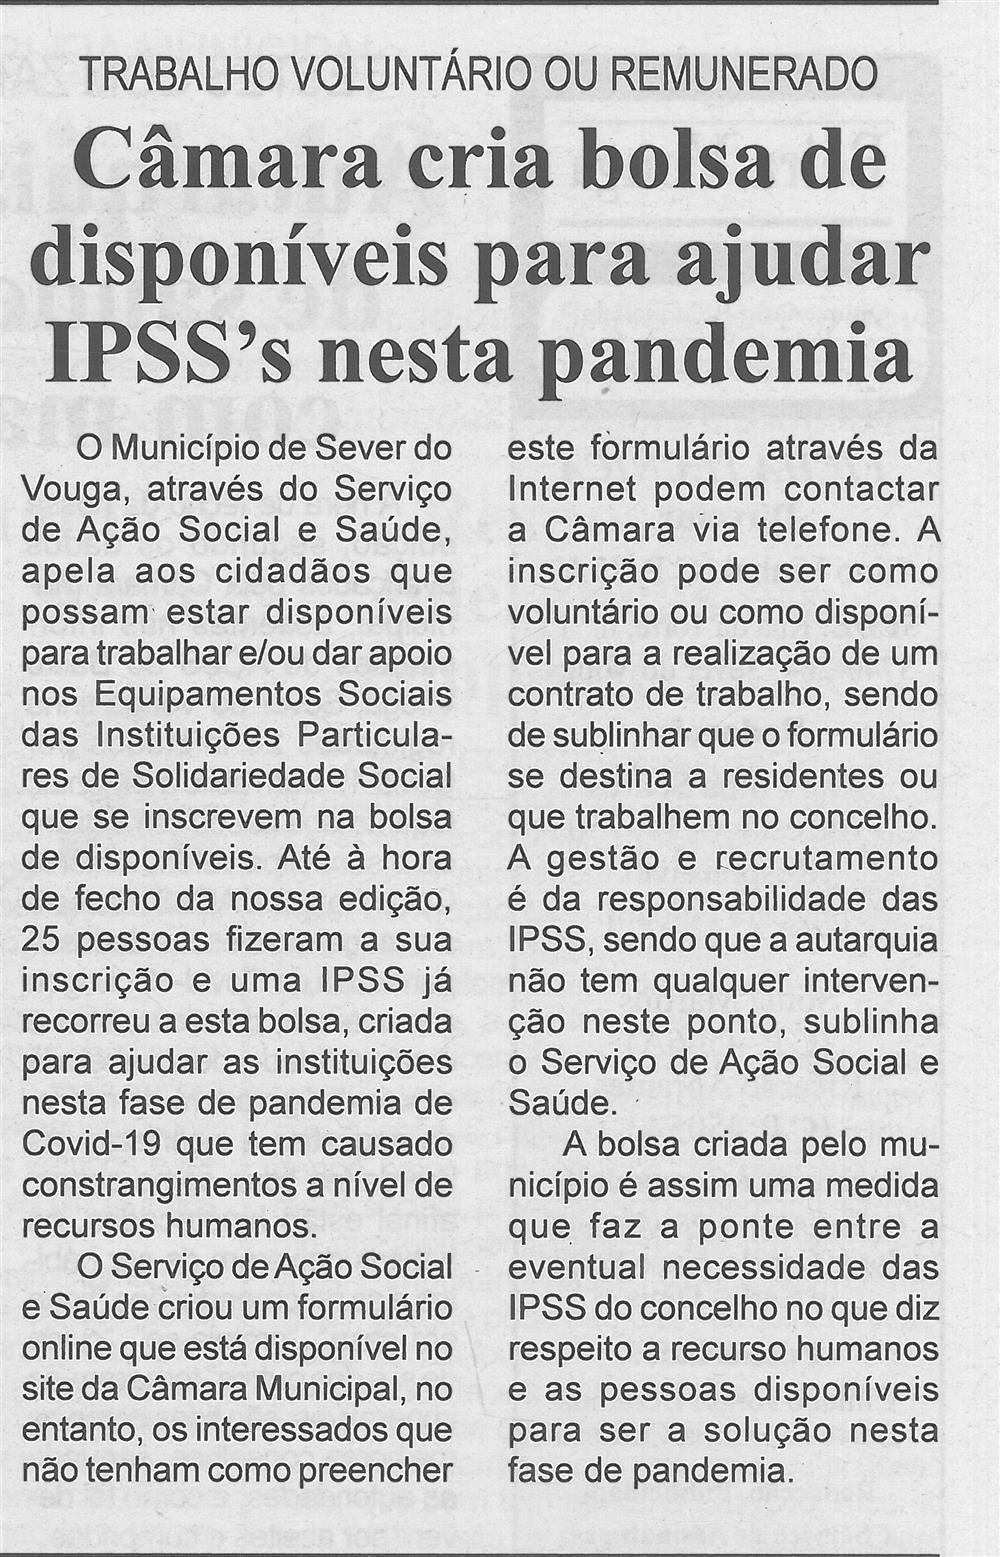 BV-2.ªabr.'20-p.3-Câmara cria bolsa de disponíveis para ajudar IPSS's nesta pandemia : trabalho voluntário ou remunerado.jpg